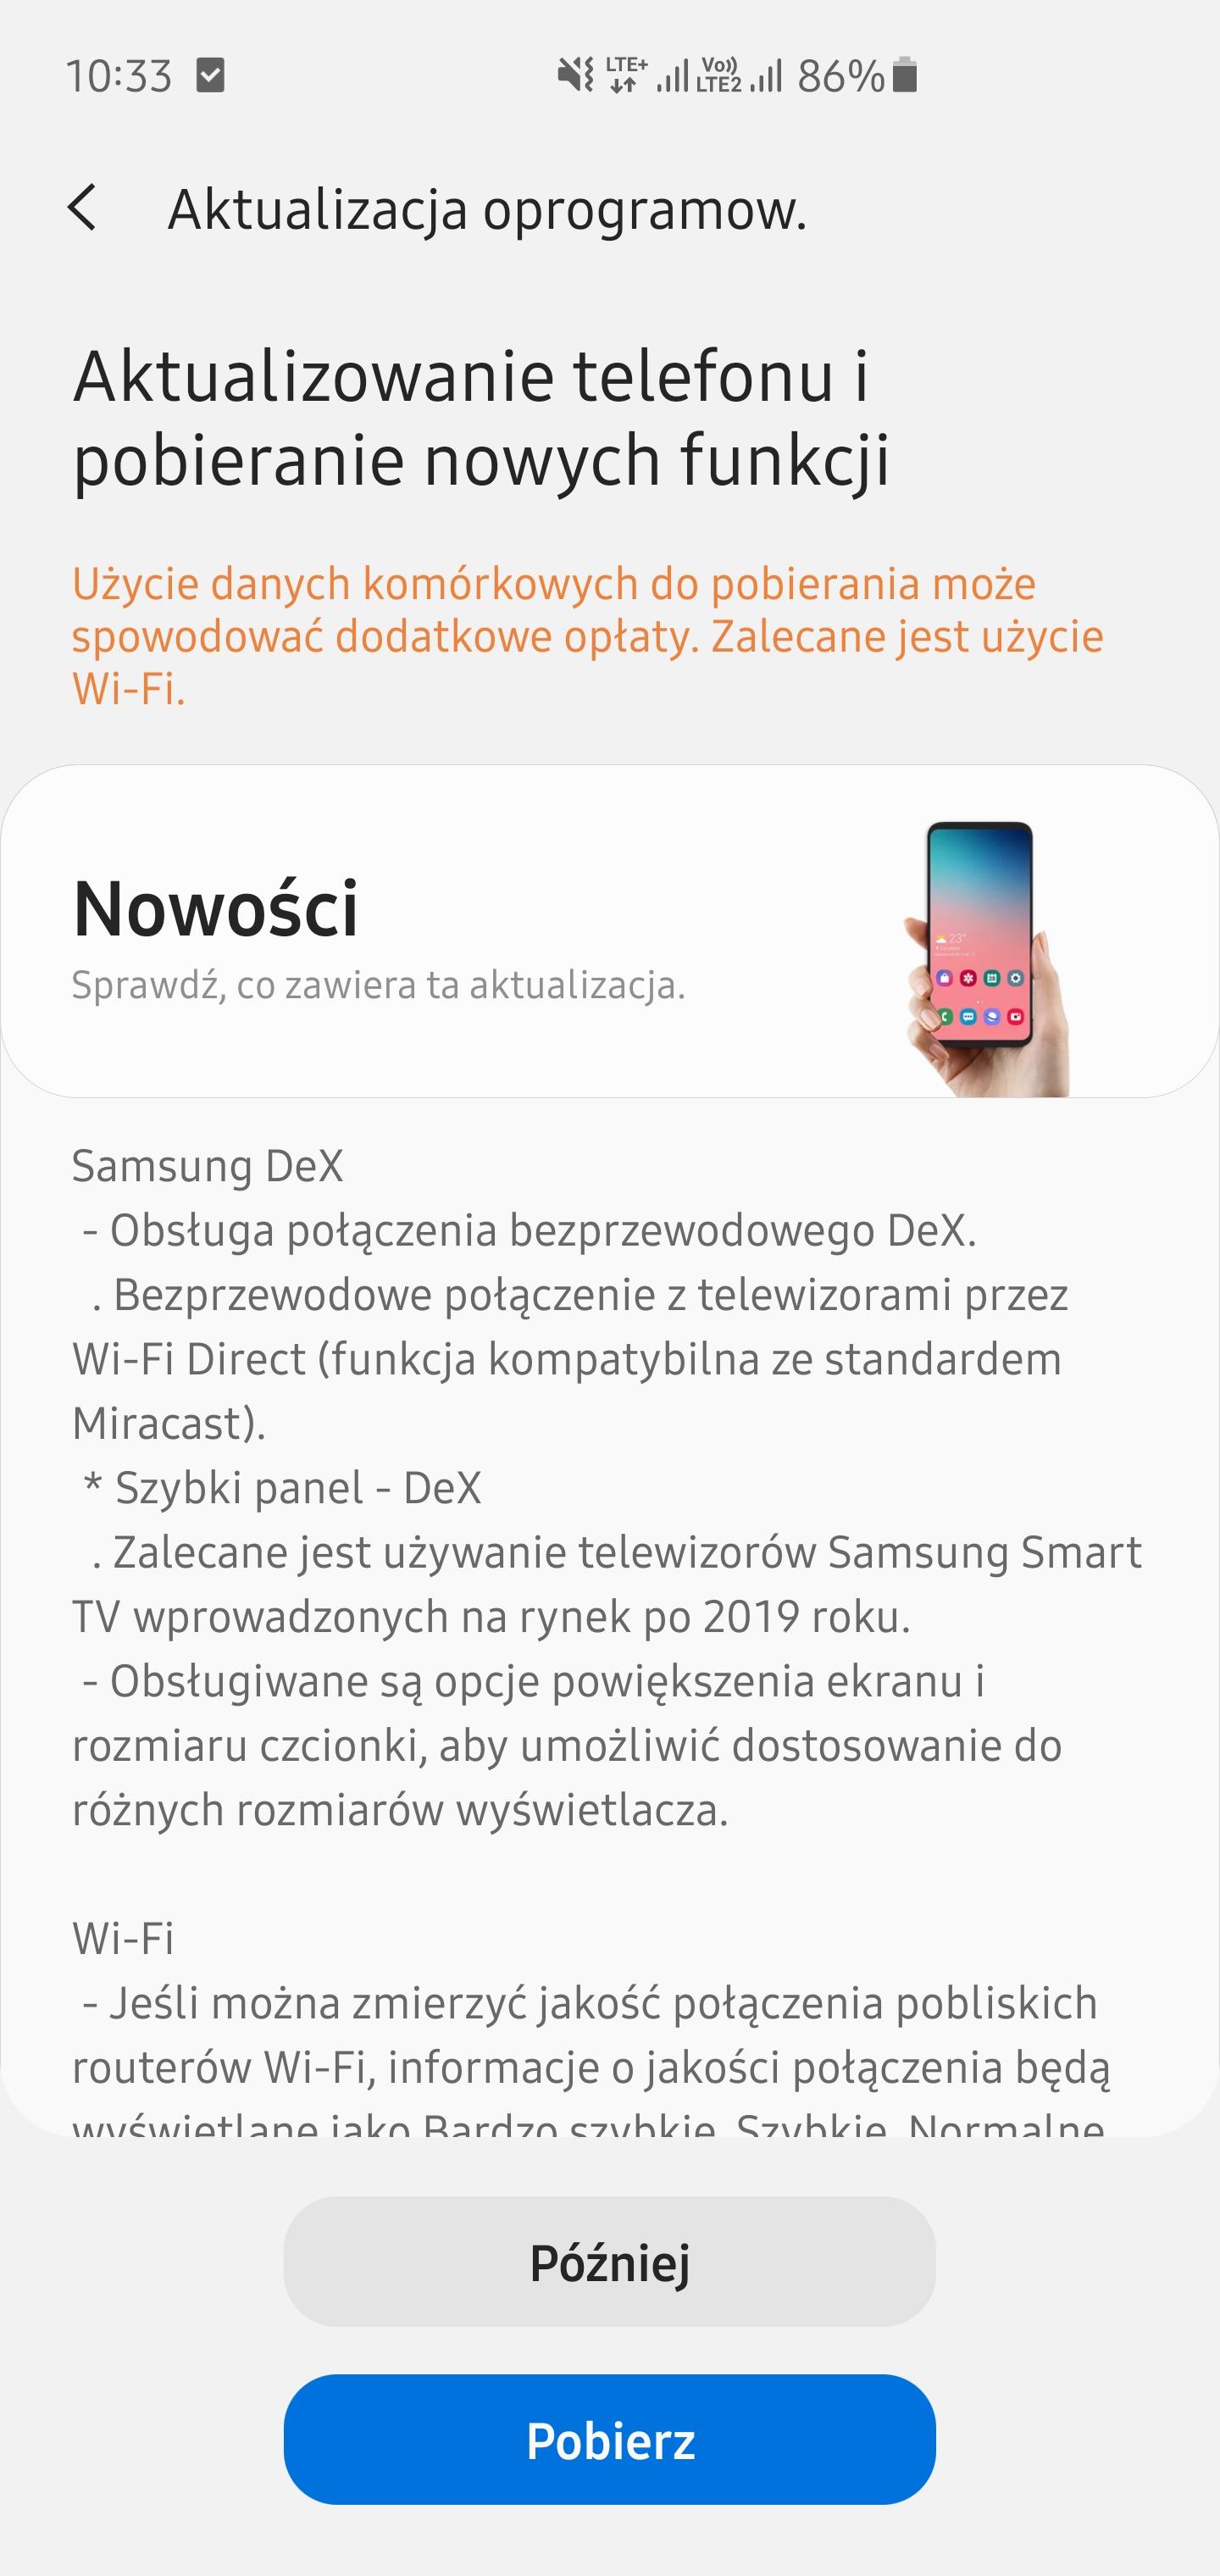 Aktualizacja do One UI 2.5 na Galaxy S10+ - jest bezprzewodowy DeX